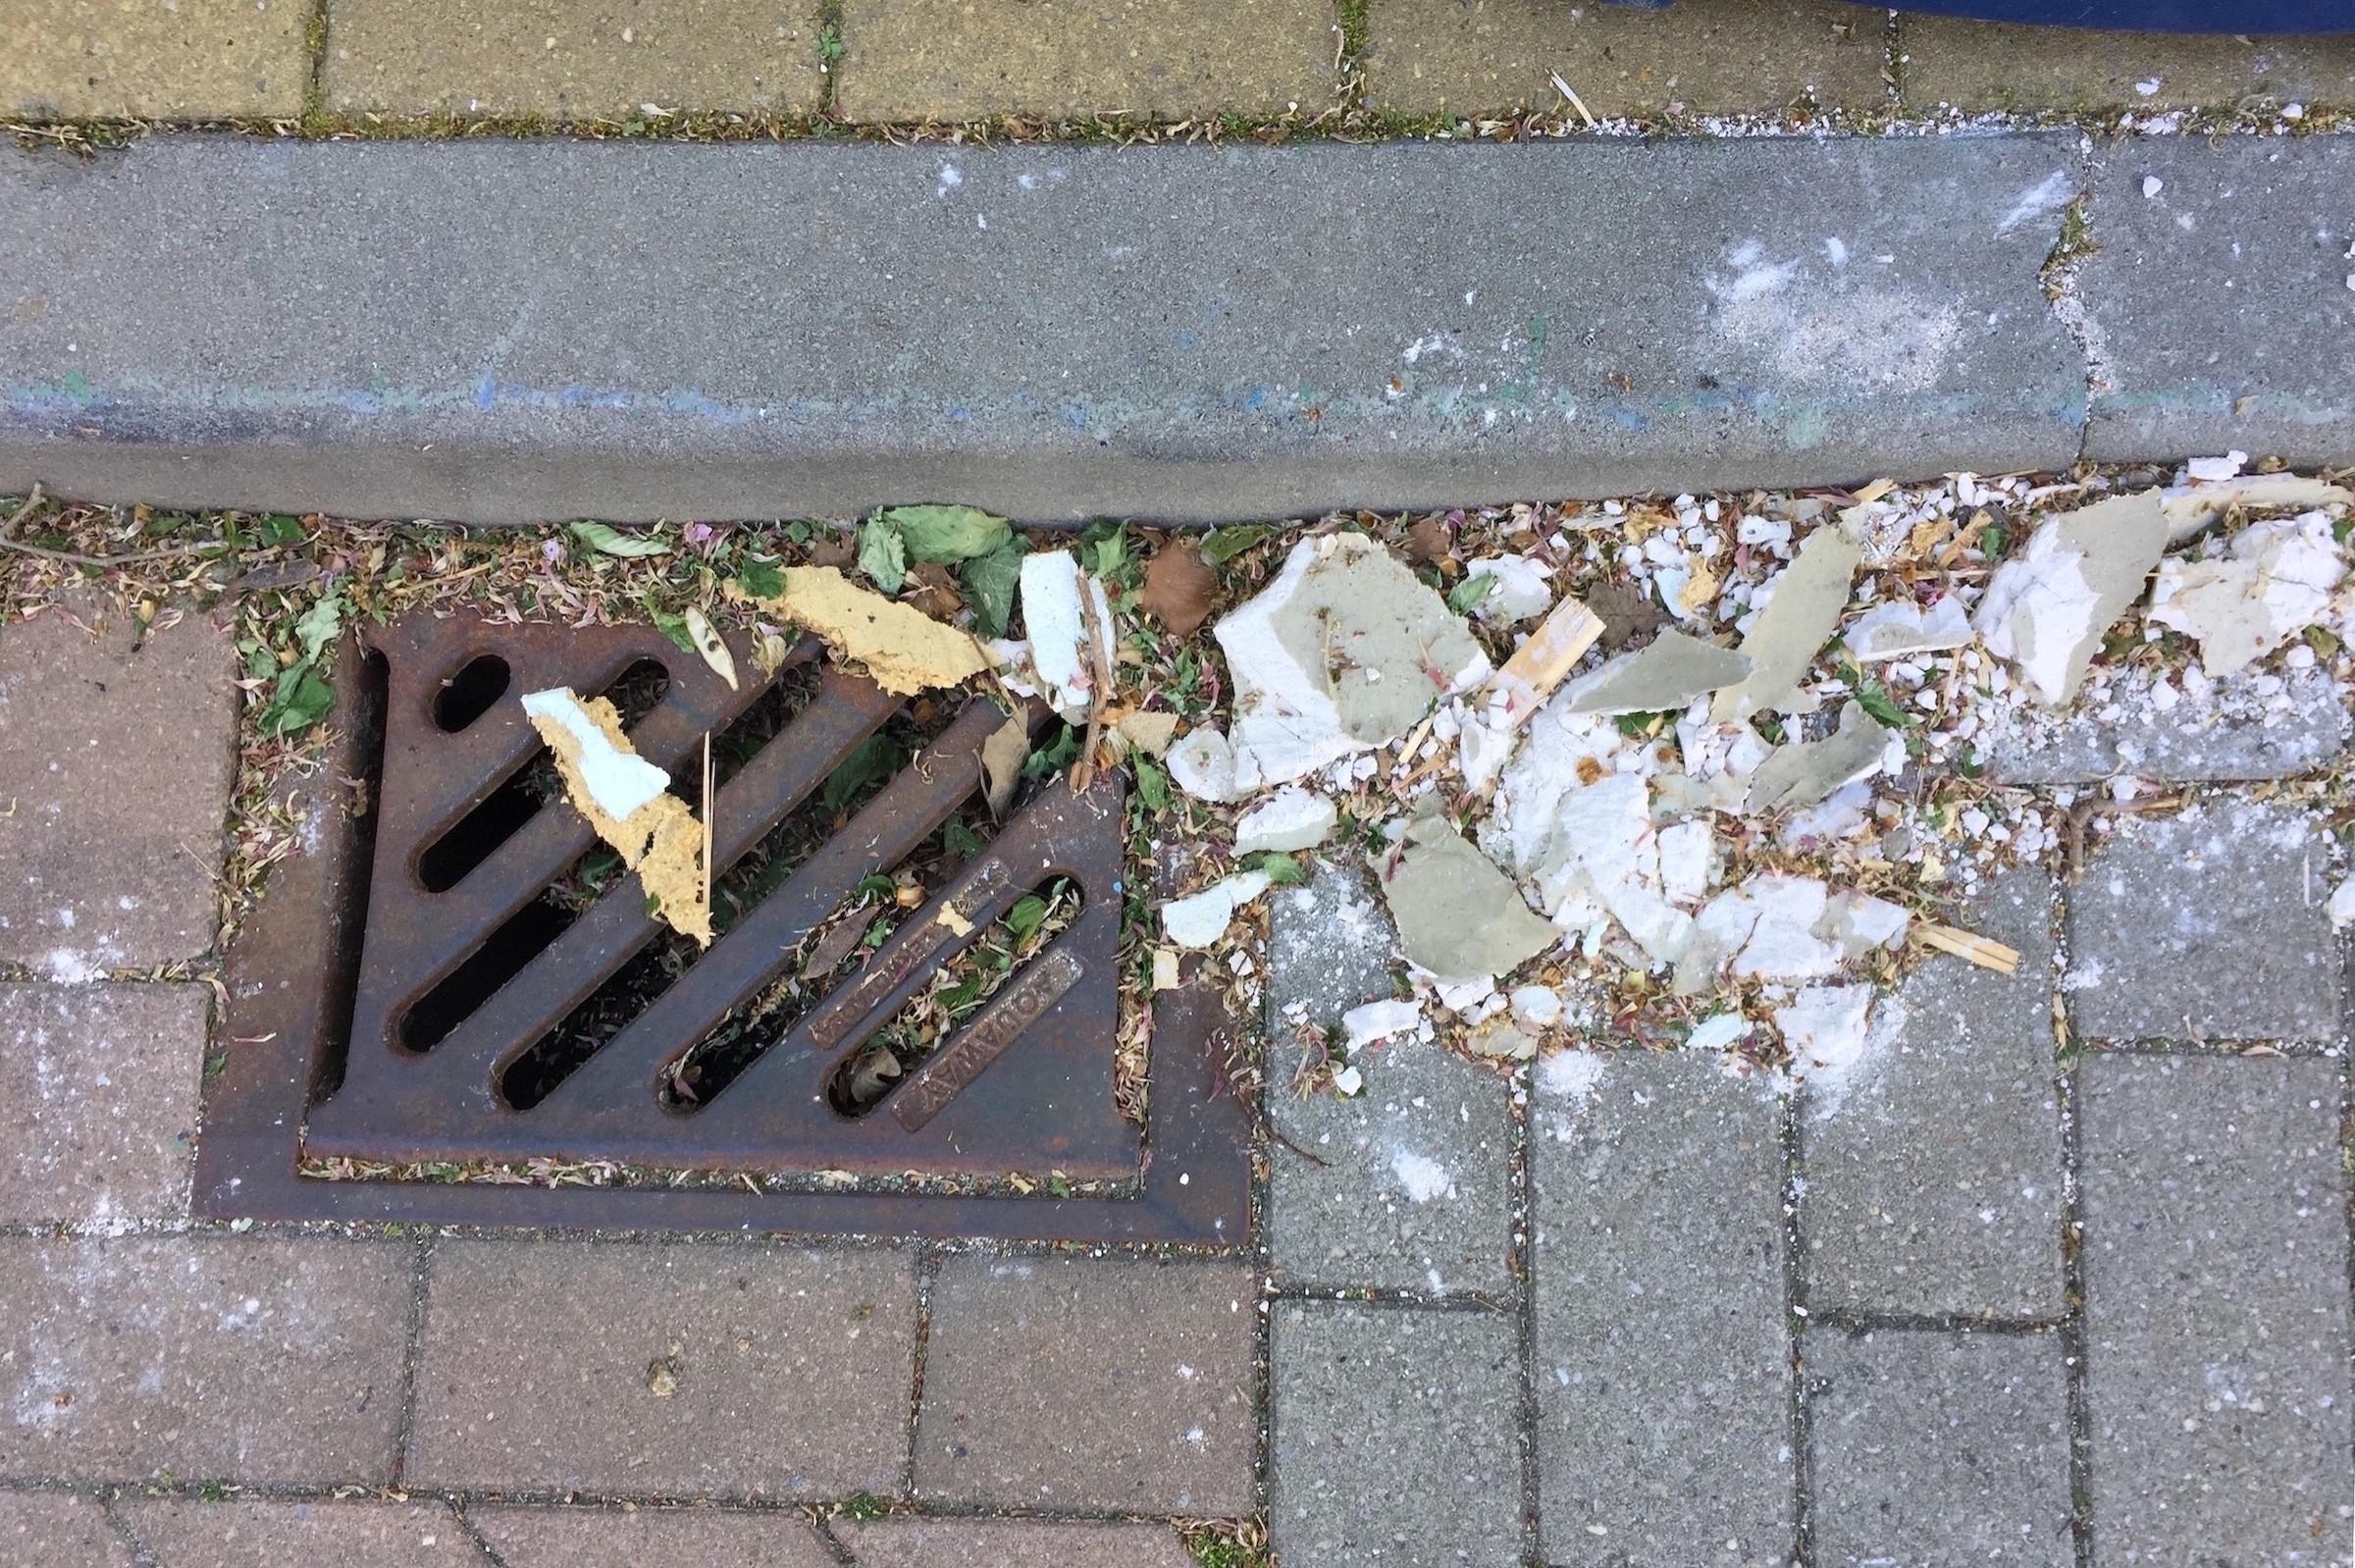 Het vuil dat bij een straatkolk ligt kan in het riool terecht komen.